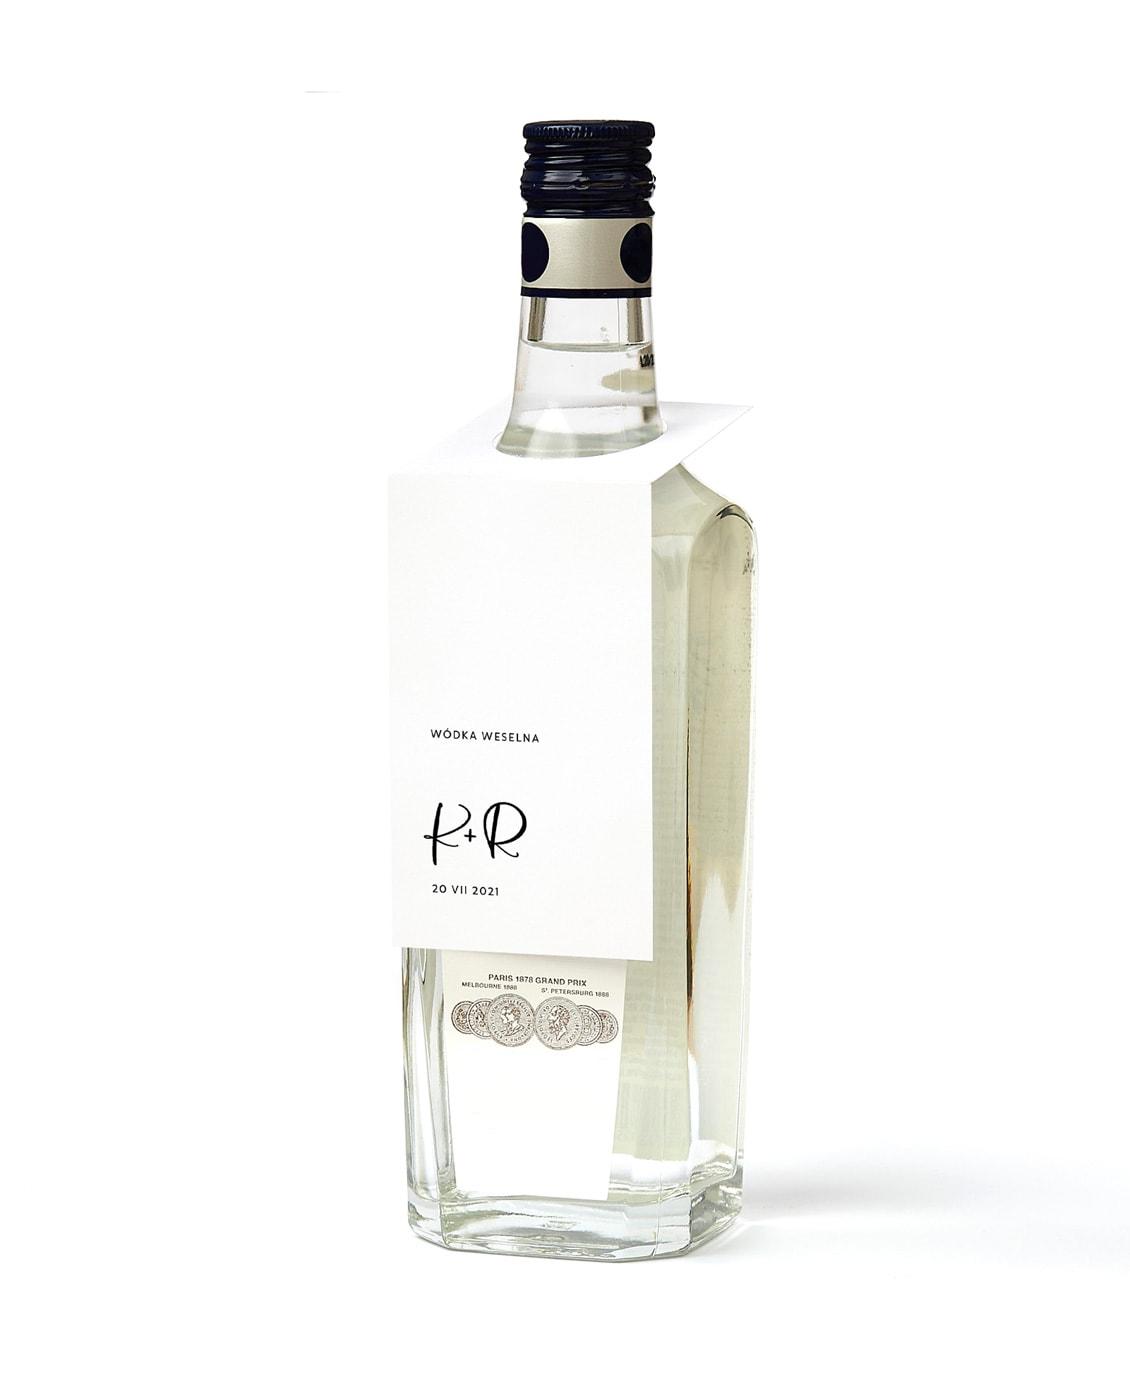 Zawieszki z imionami do powieszenia na butelce z alkoholem